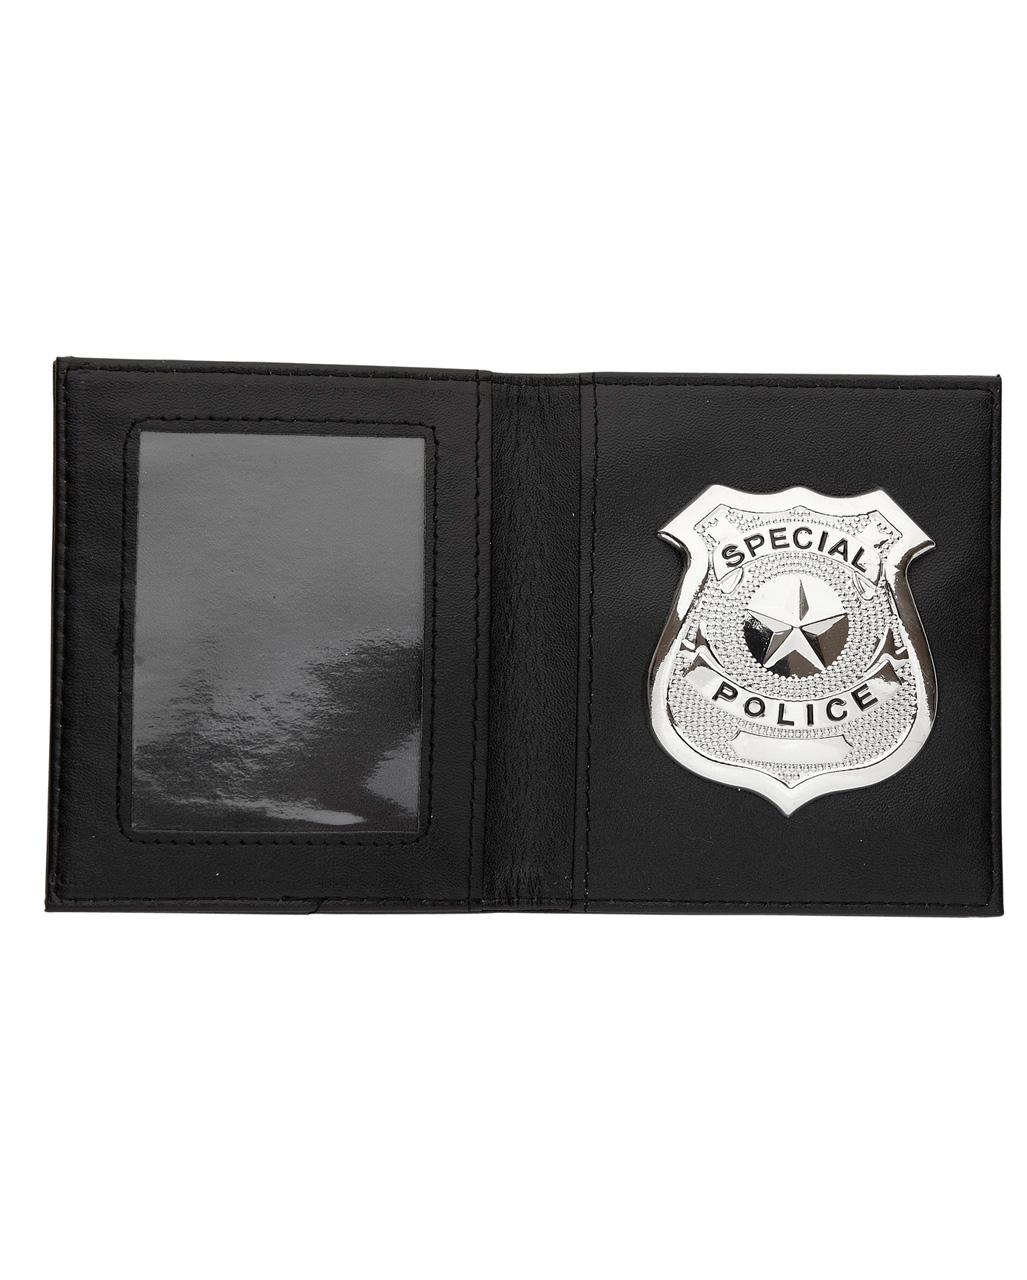 dc60ae13d14d9 Polizeimarke in Brieftasche als Kostümzubehör